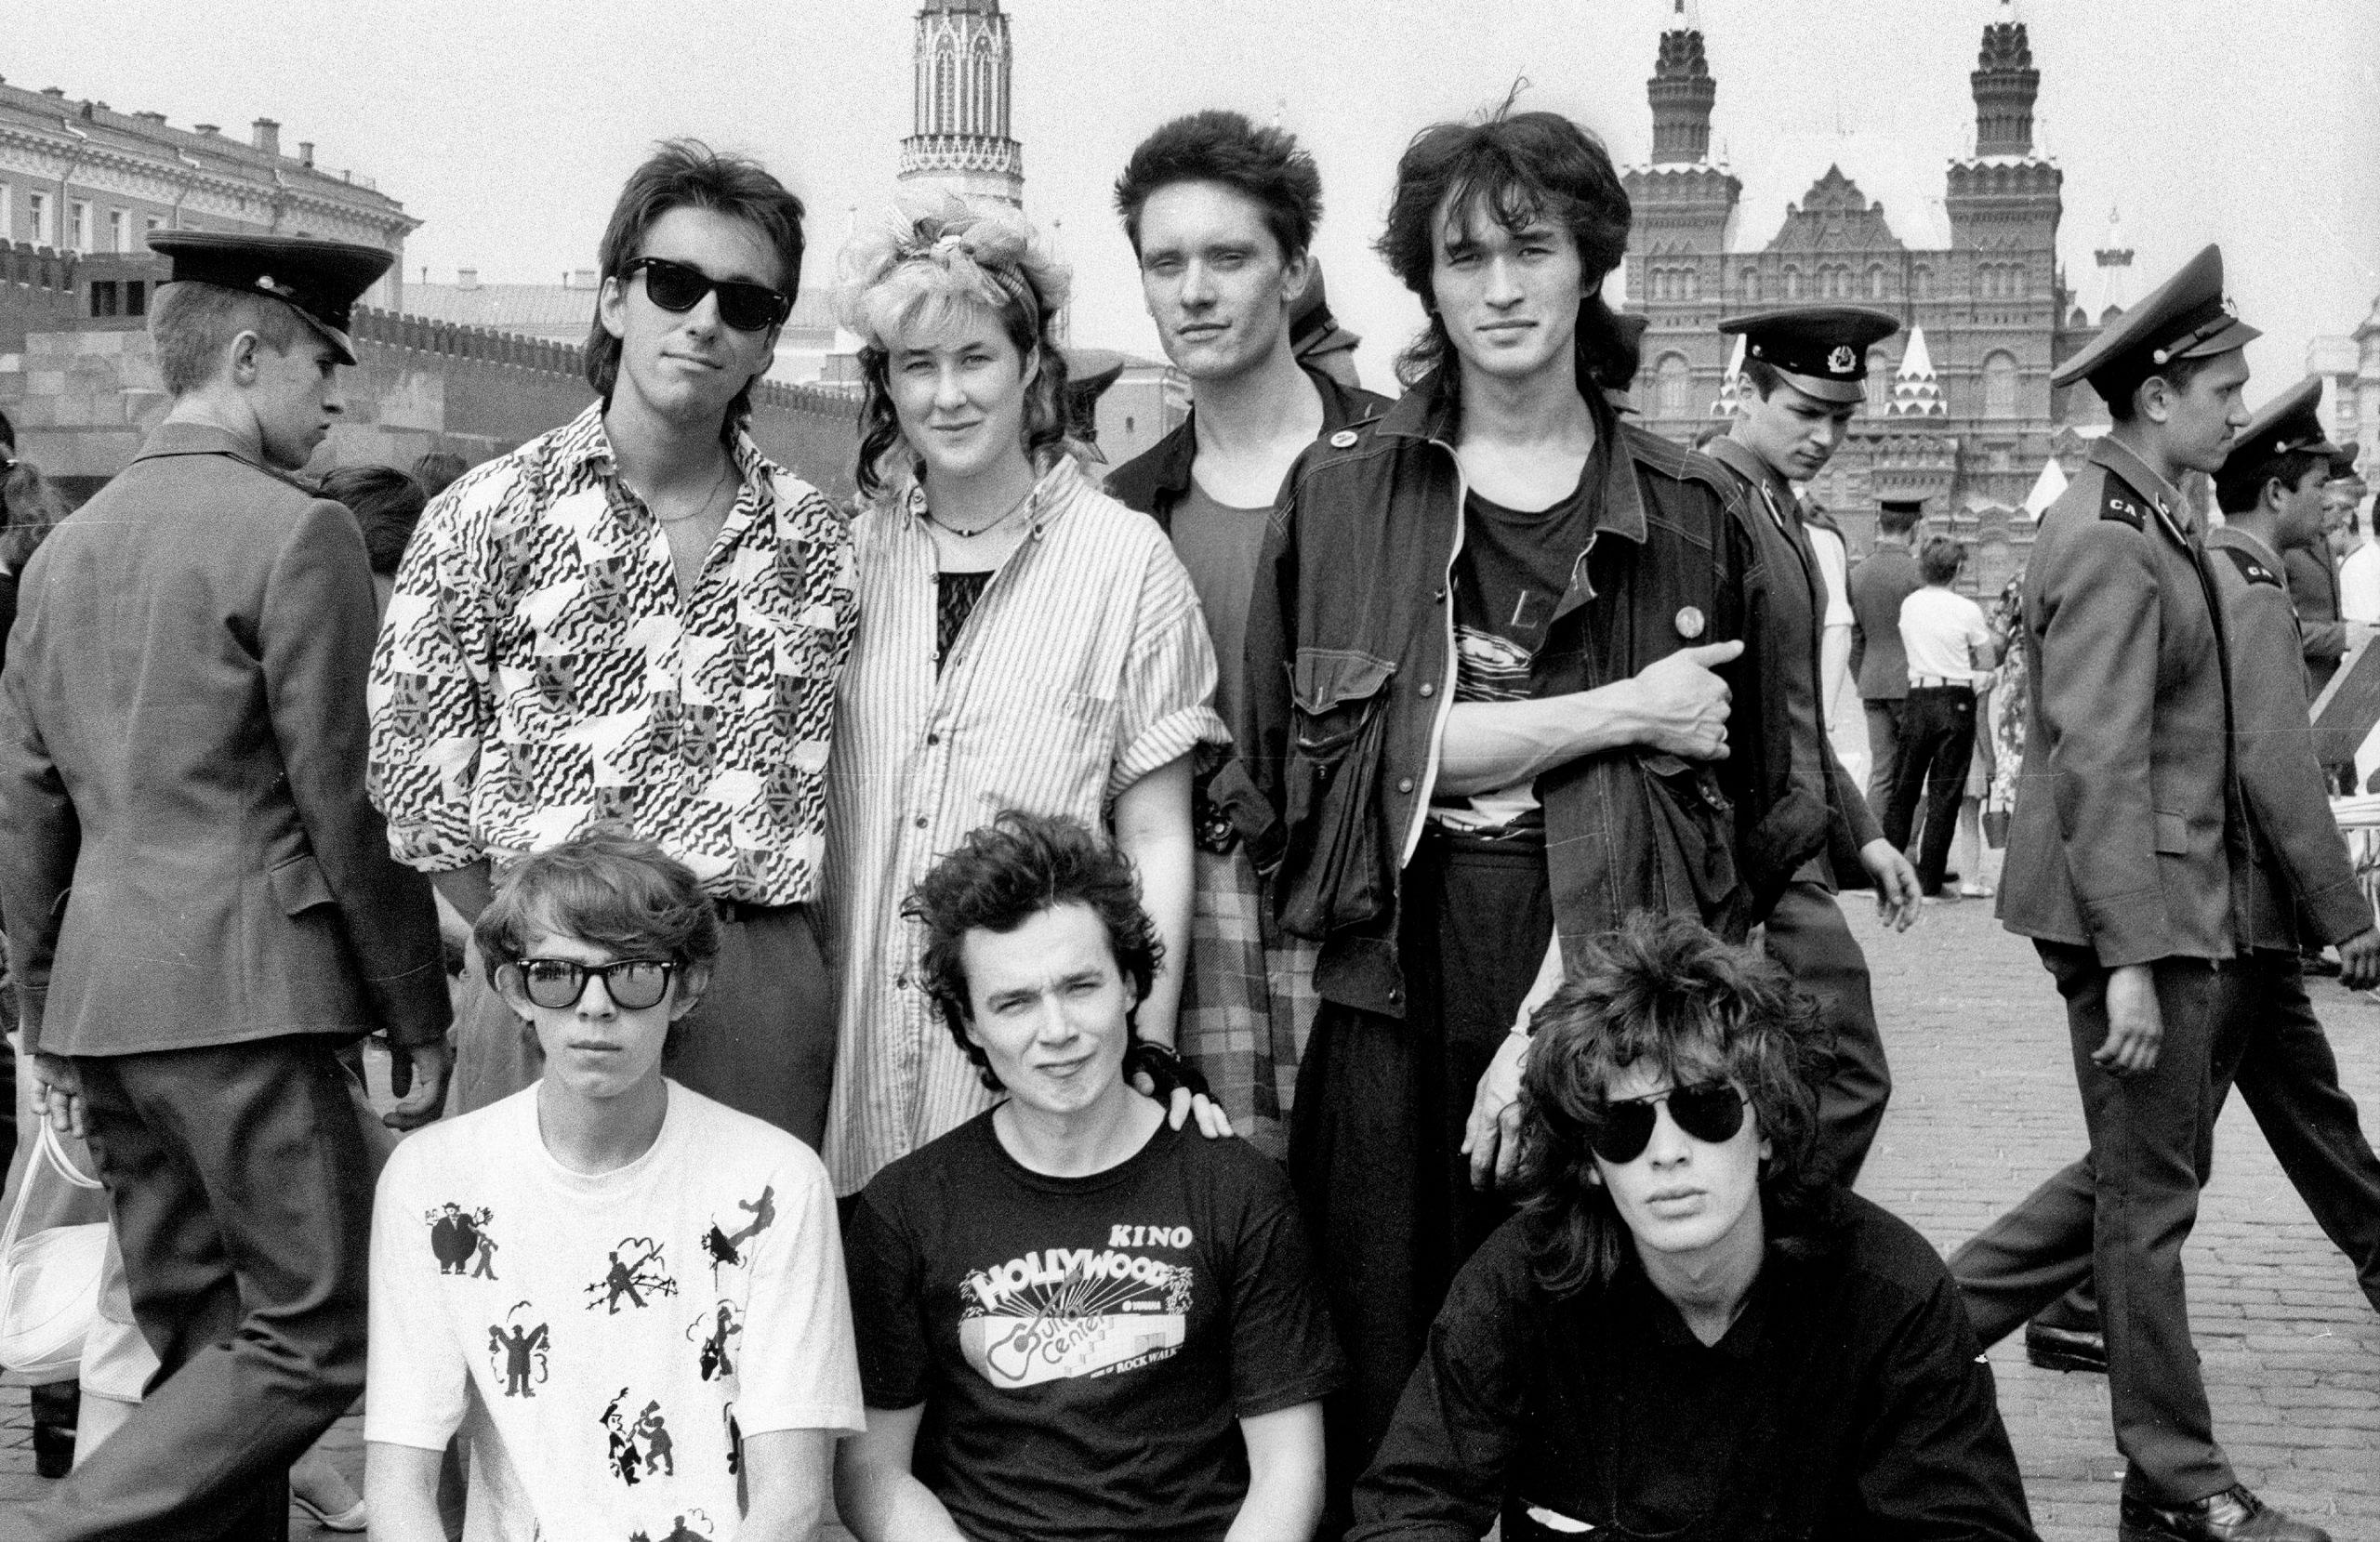 Редкая, старая фотография Виктора Цоя и группы Кино на Красной Площади